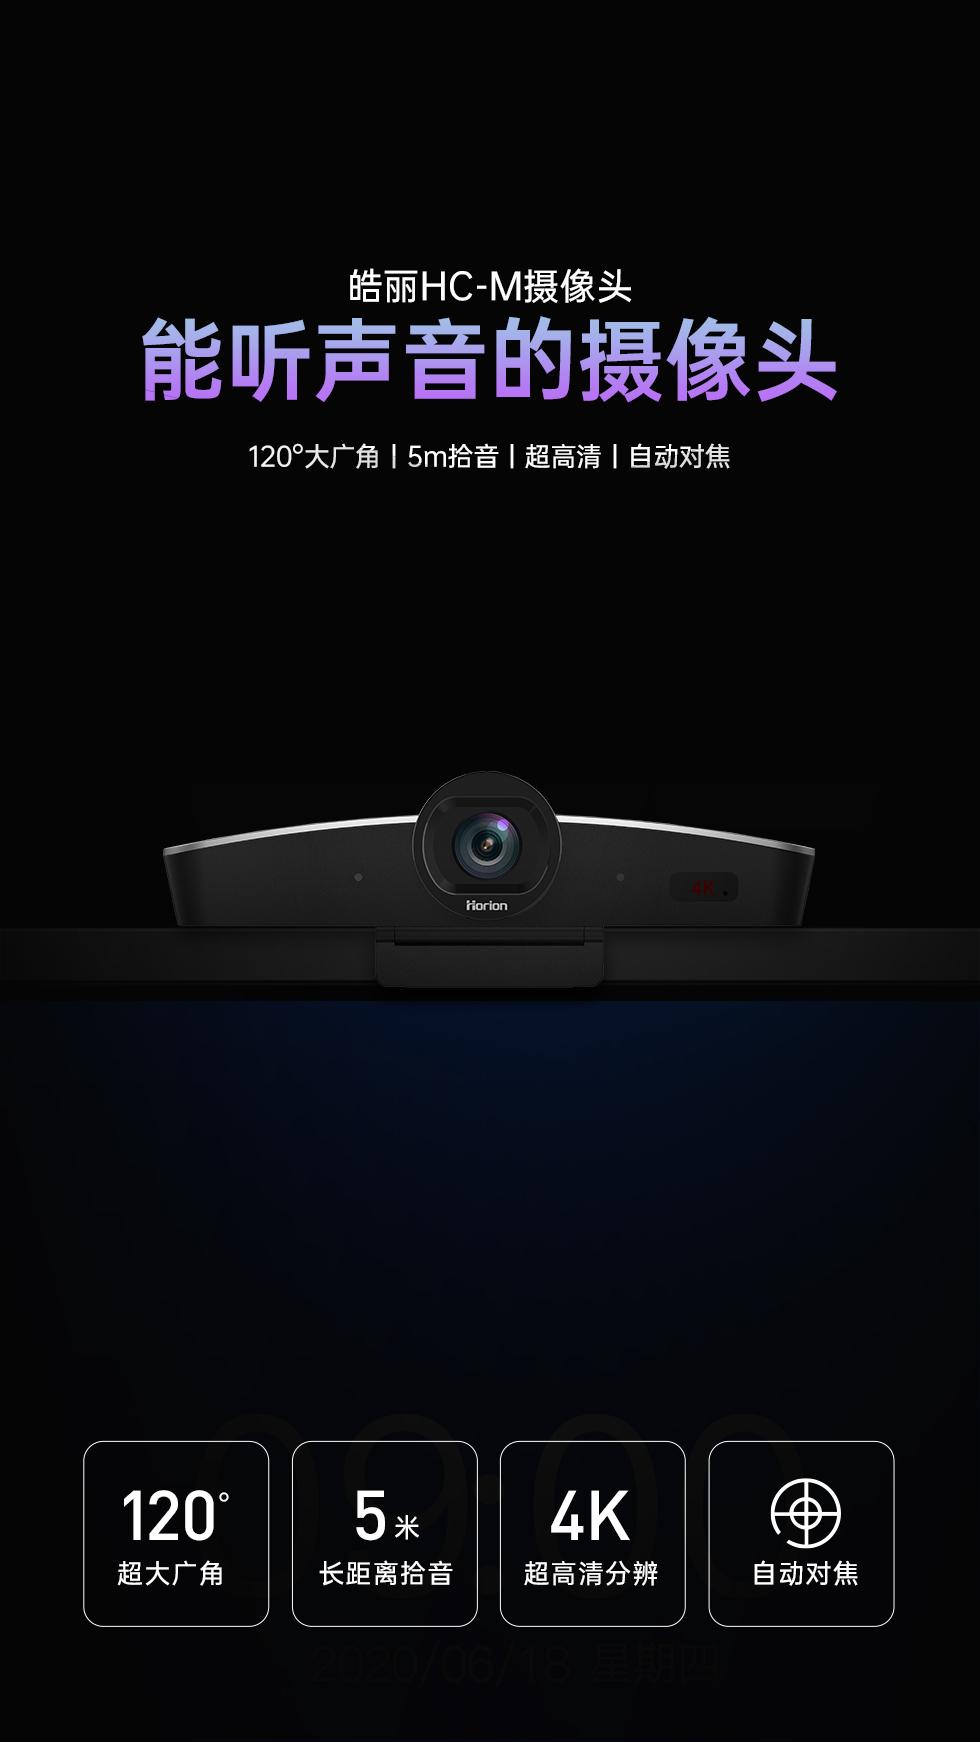 博亚体育HC-M摄像头 大广角 超清分辨自动对焦